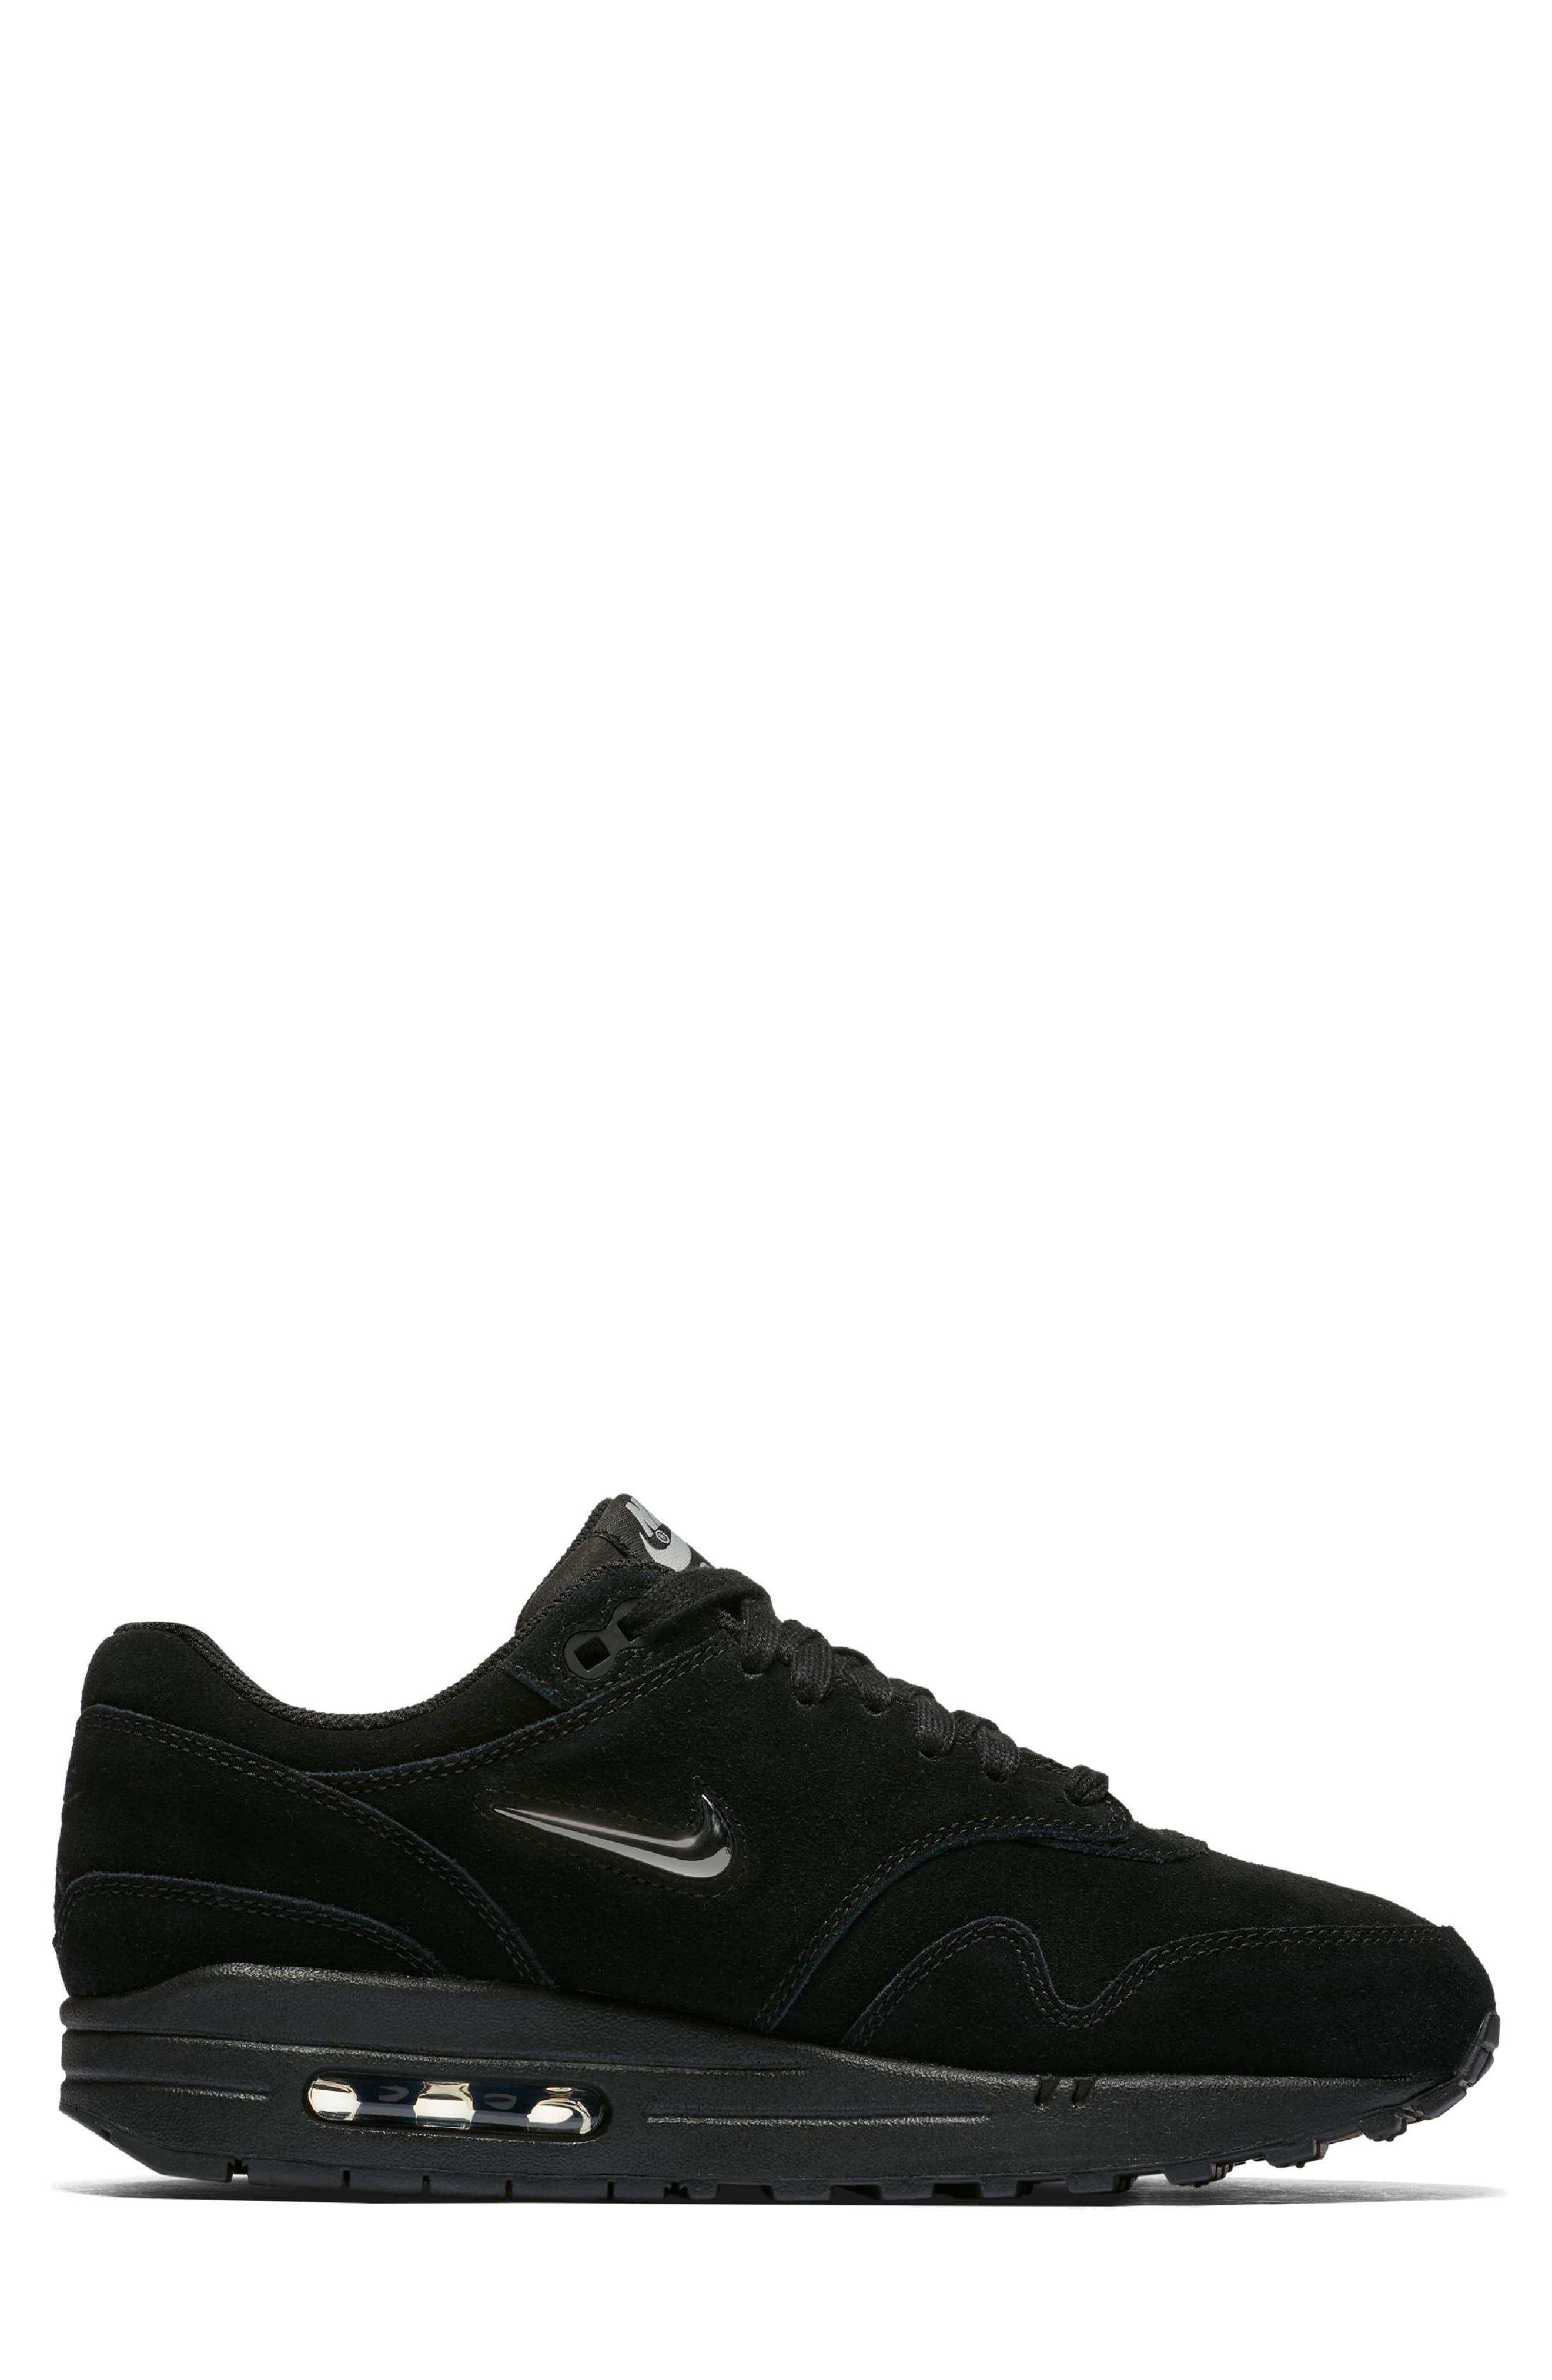 Air Max 1 Premium SC Sneaker,                             Alternate thumbnail 3, color,                             001